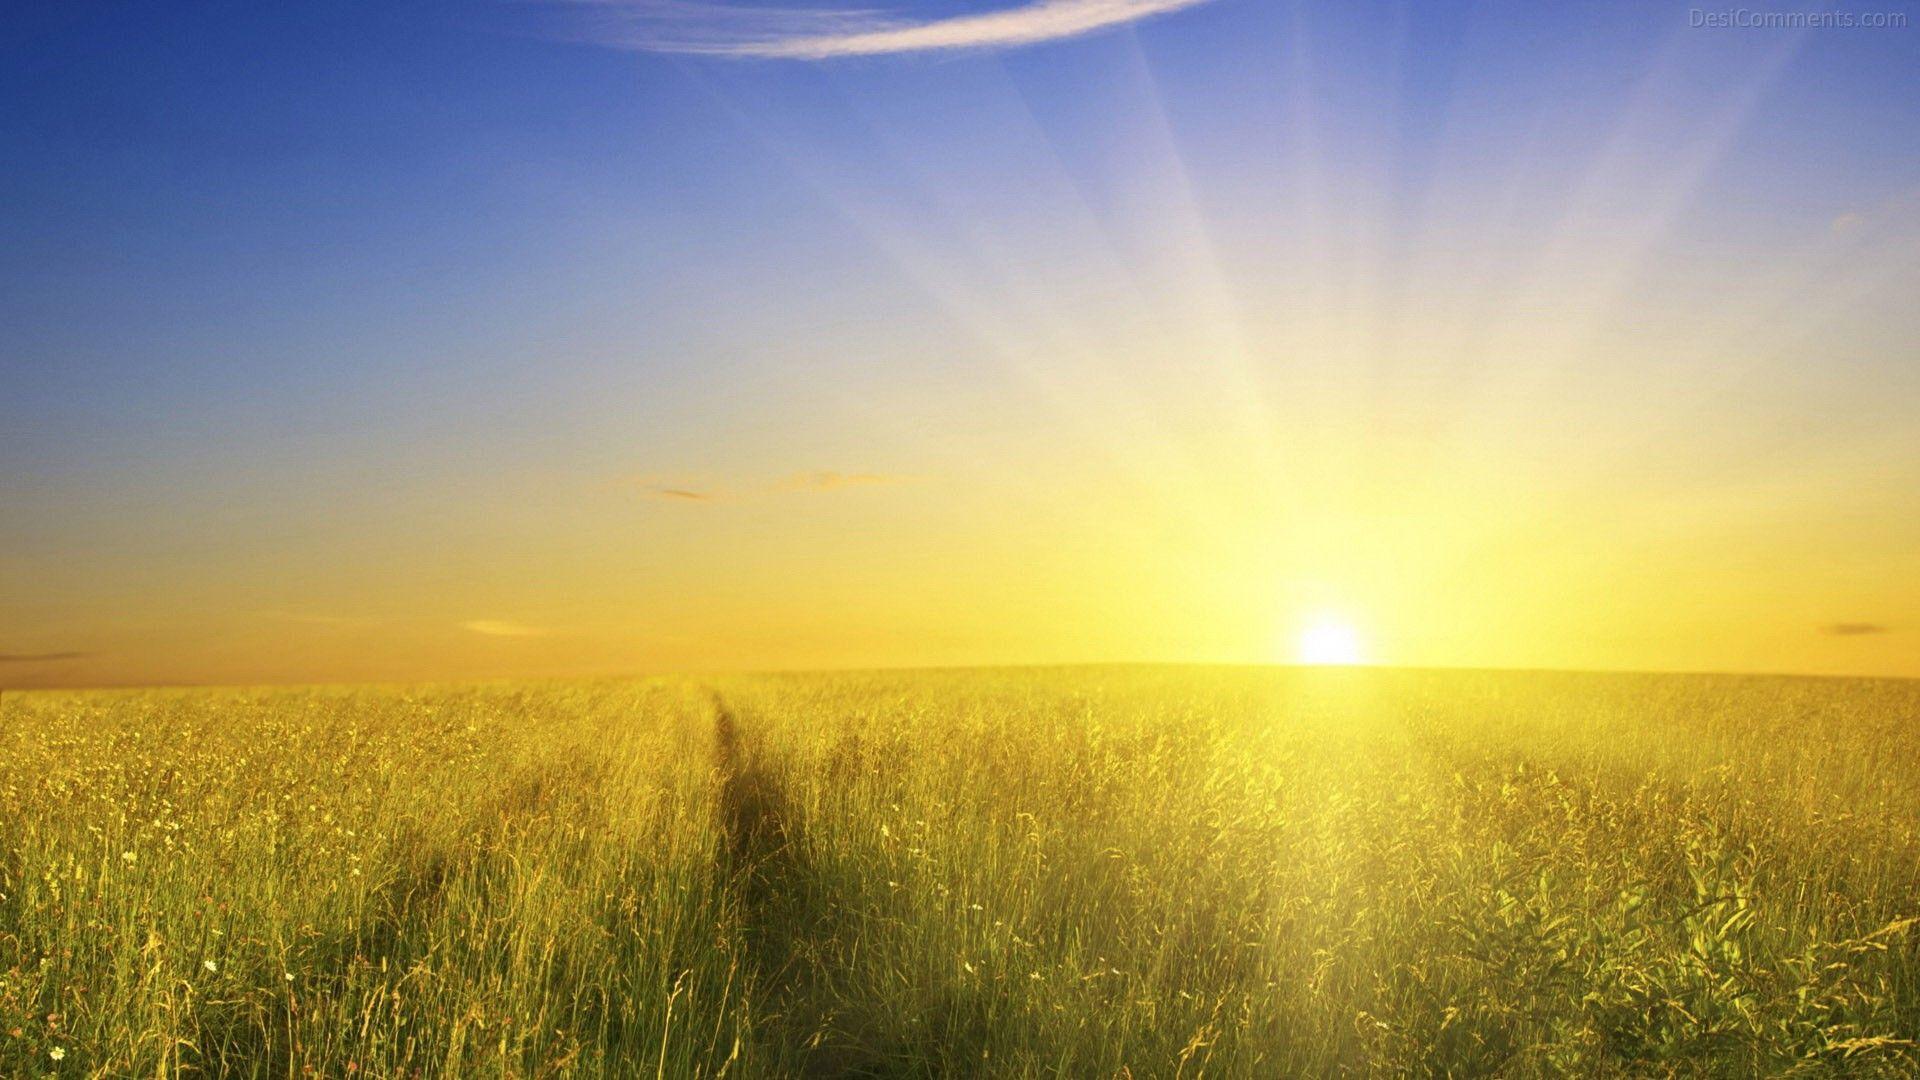 Hình ảnh Mặt trời mọc 1920x1080 Hình ảnh Mặt trời mọc với độ phân giải cao nhất về thiên nhiên cho Pc.  Full HD